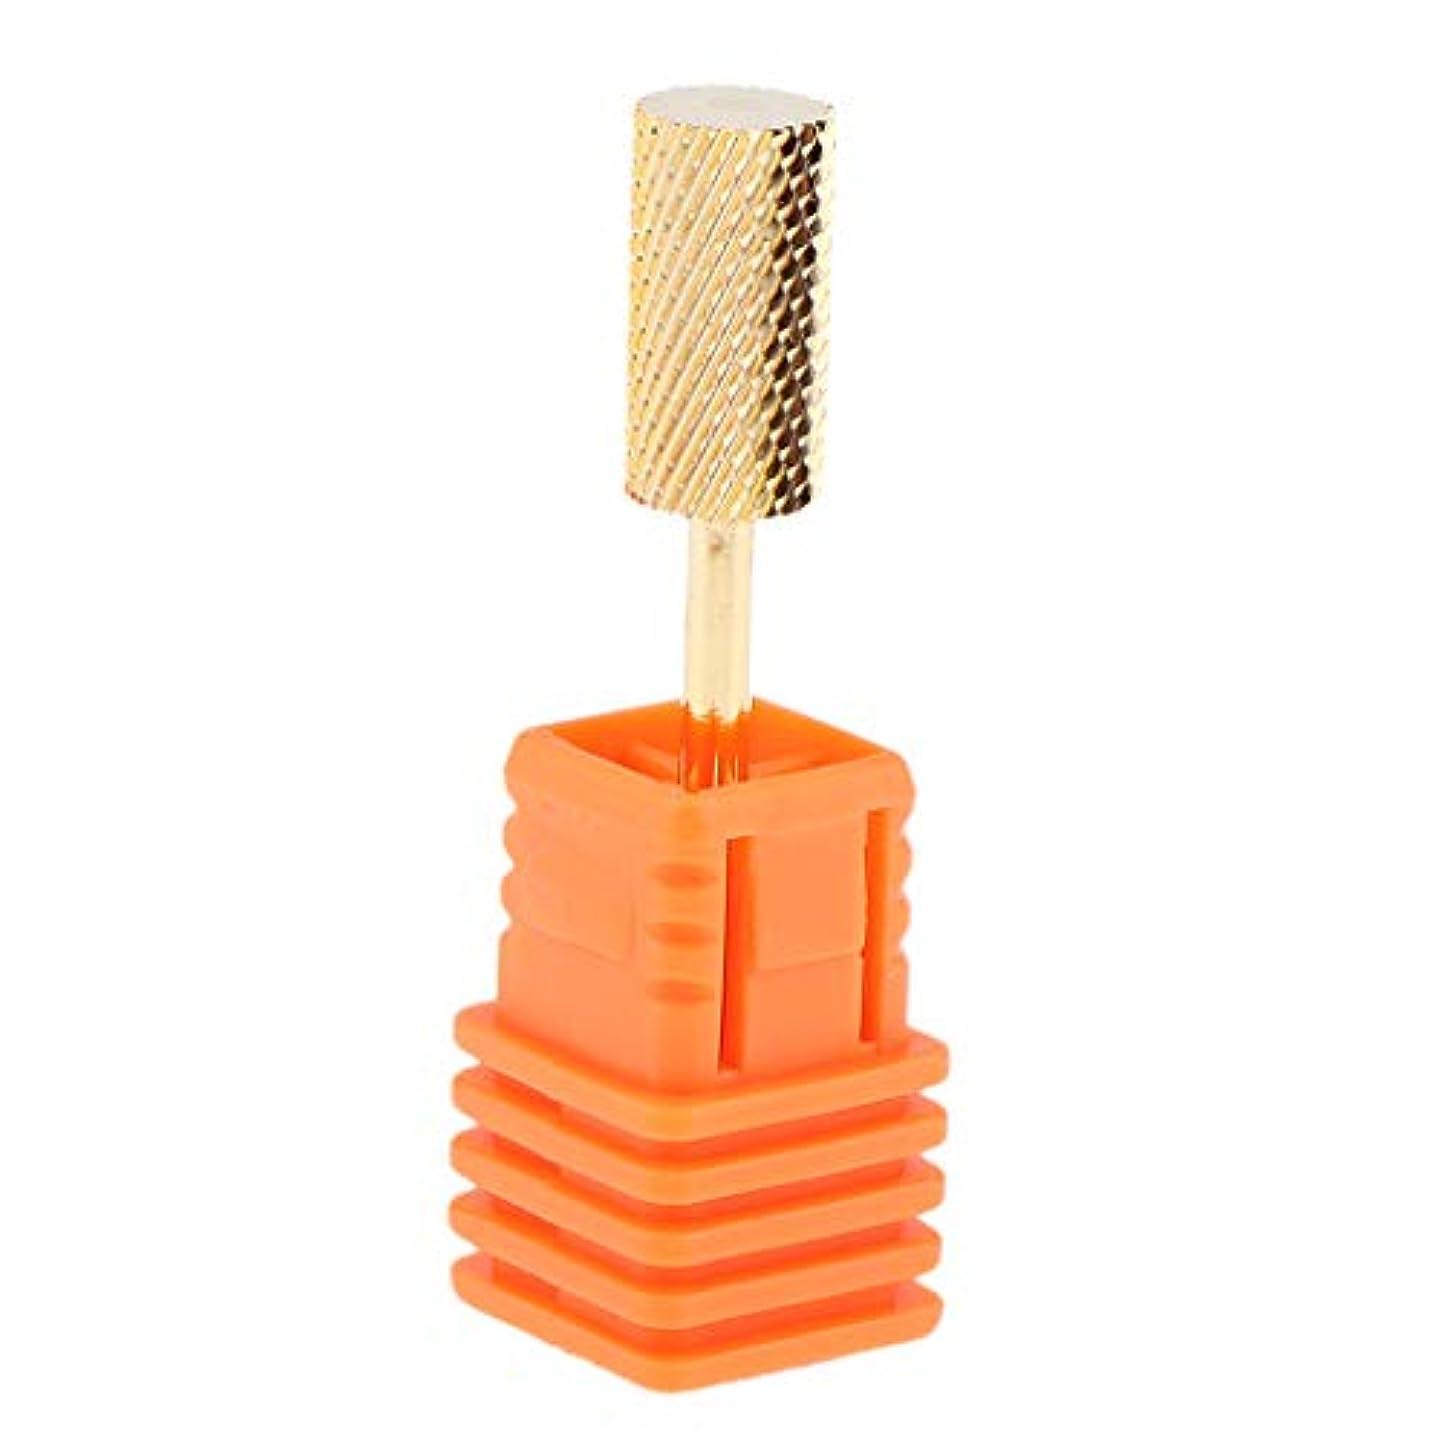 鼻海洋銅T TOOYFUL 全6スタイル 電動ドリルビット ネイルアート ドリルビット ネイルチップ 研削ヘッド ネイルサロン - M